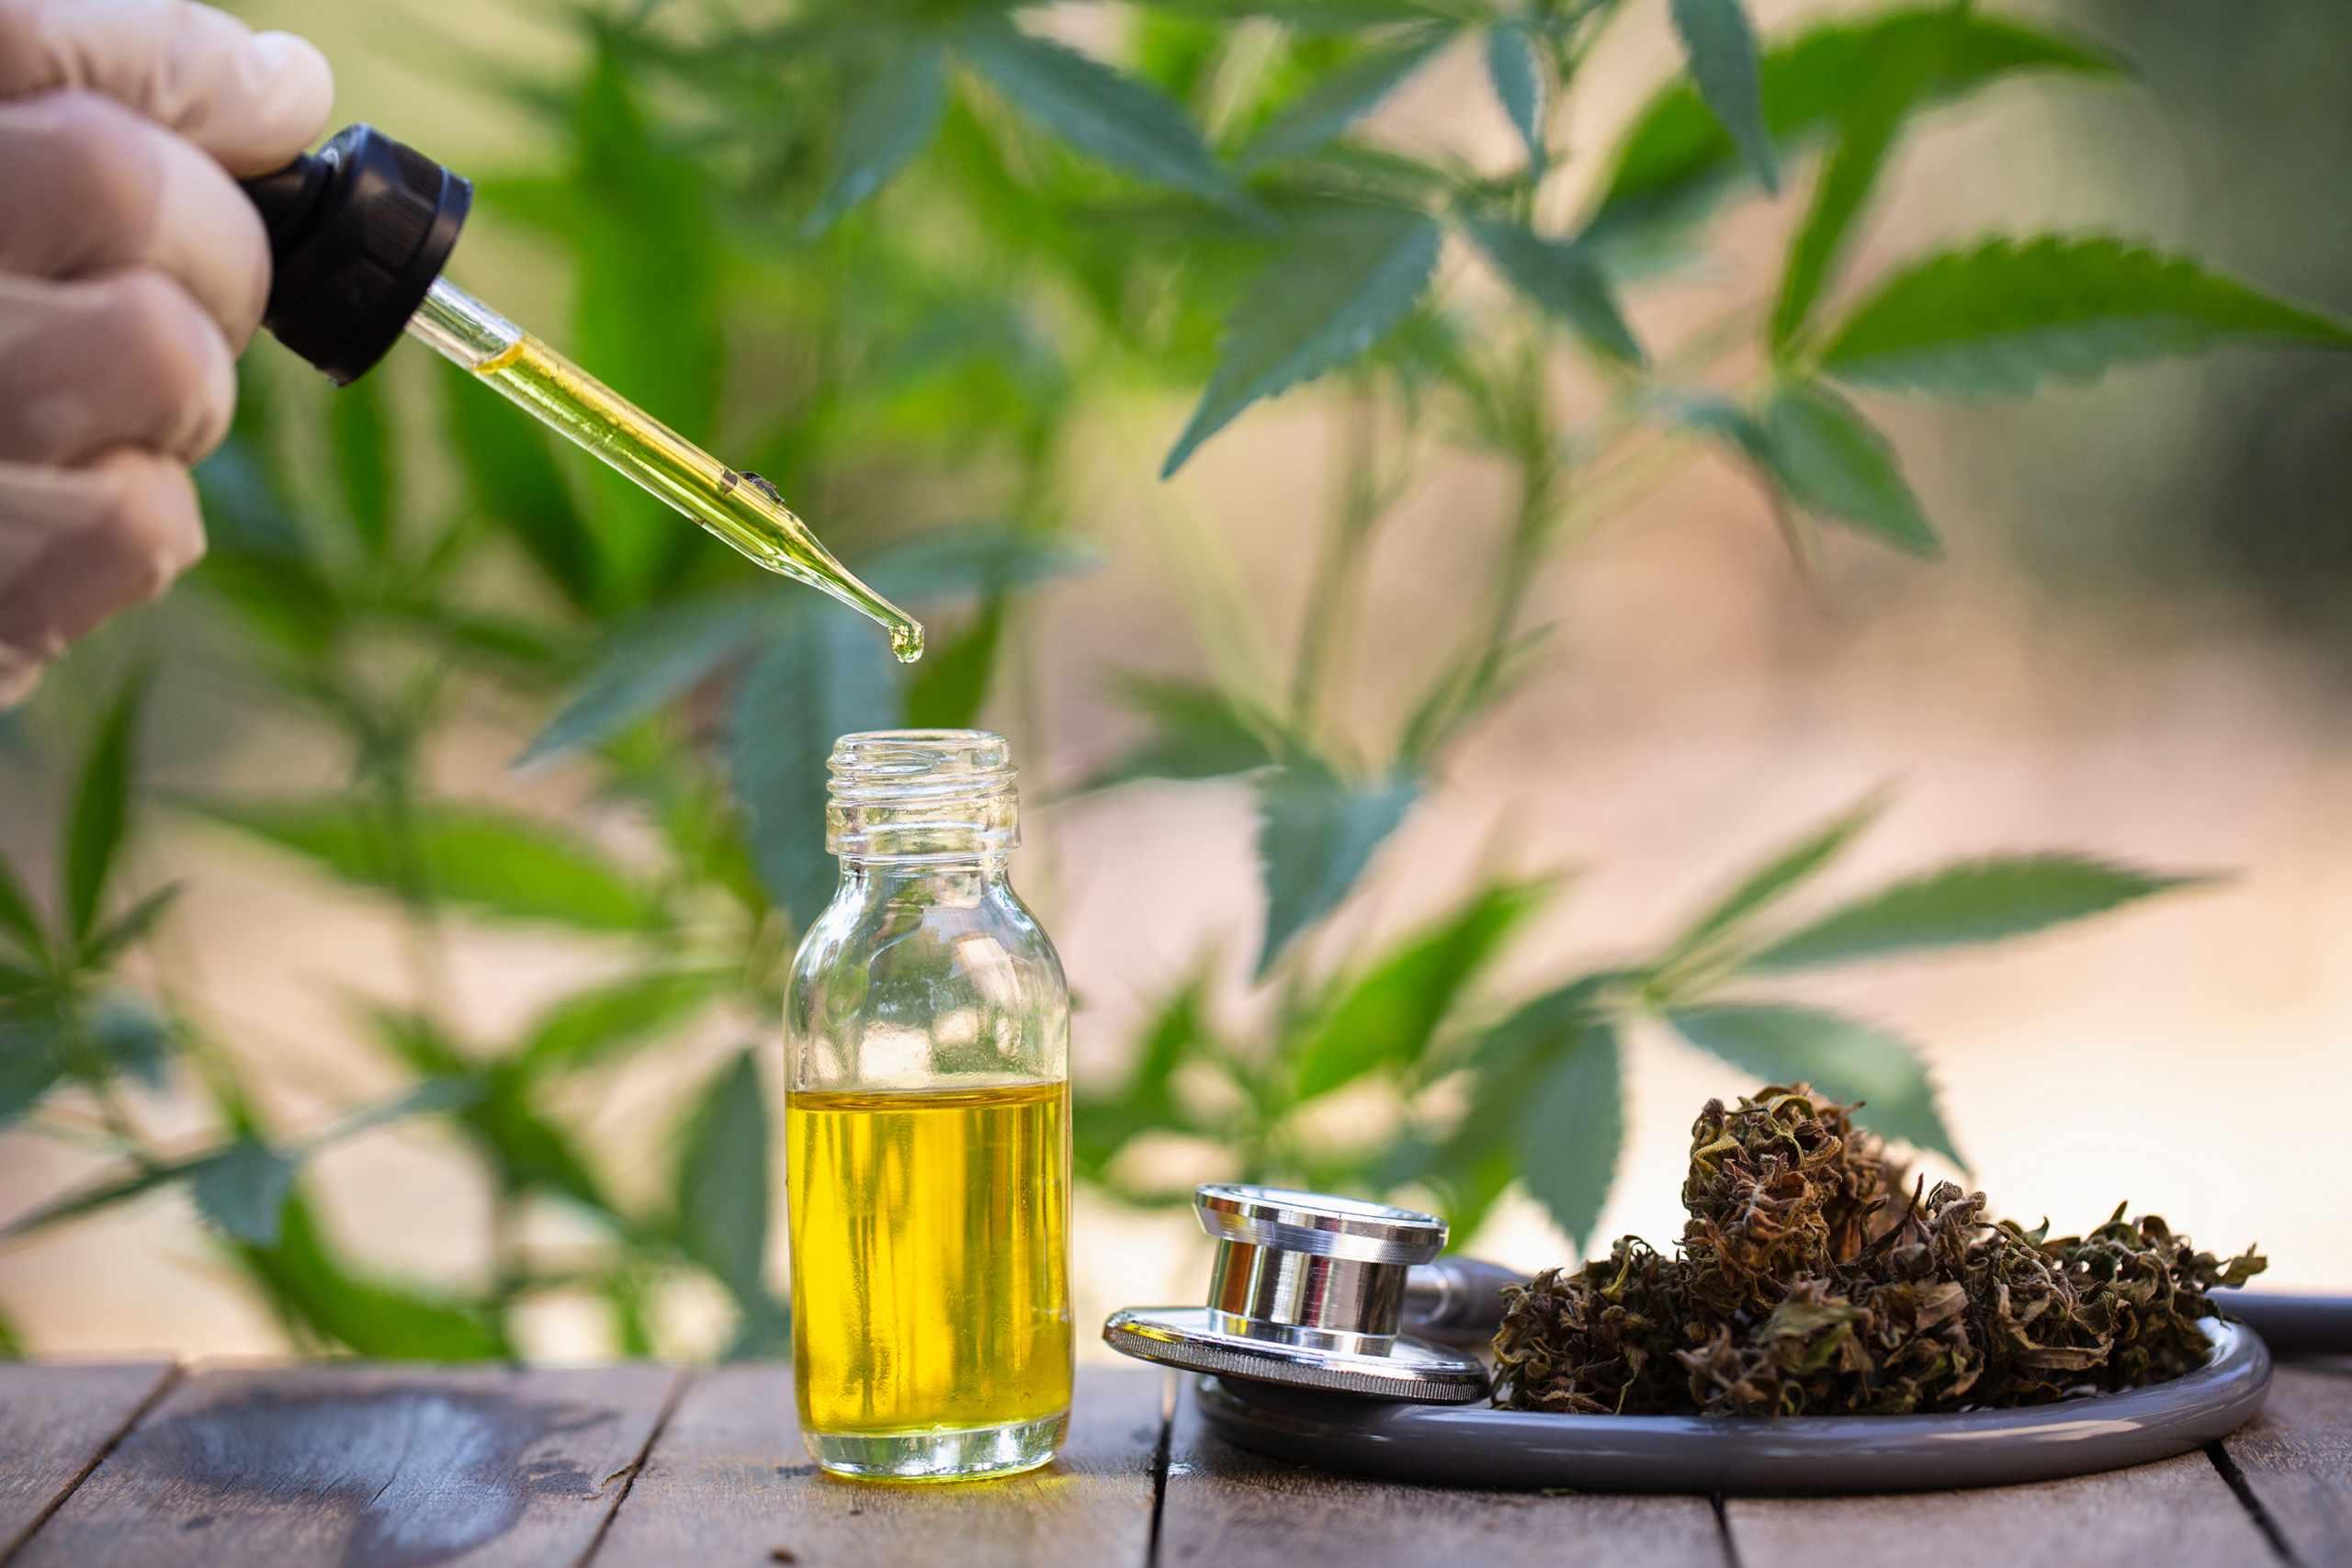 hemp oil can help